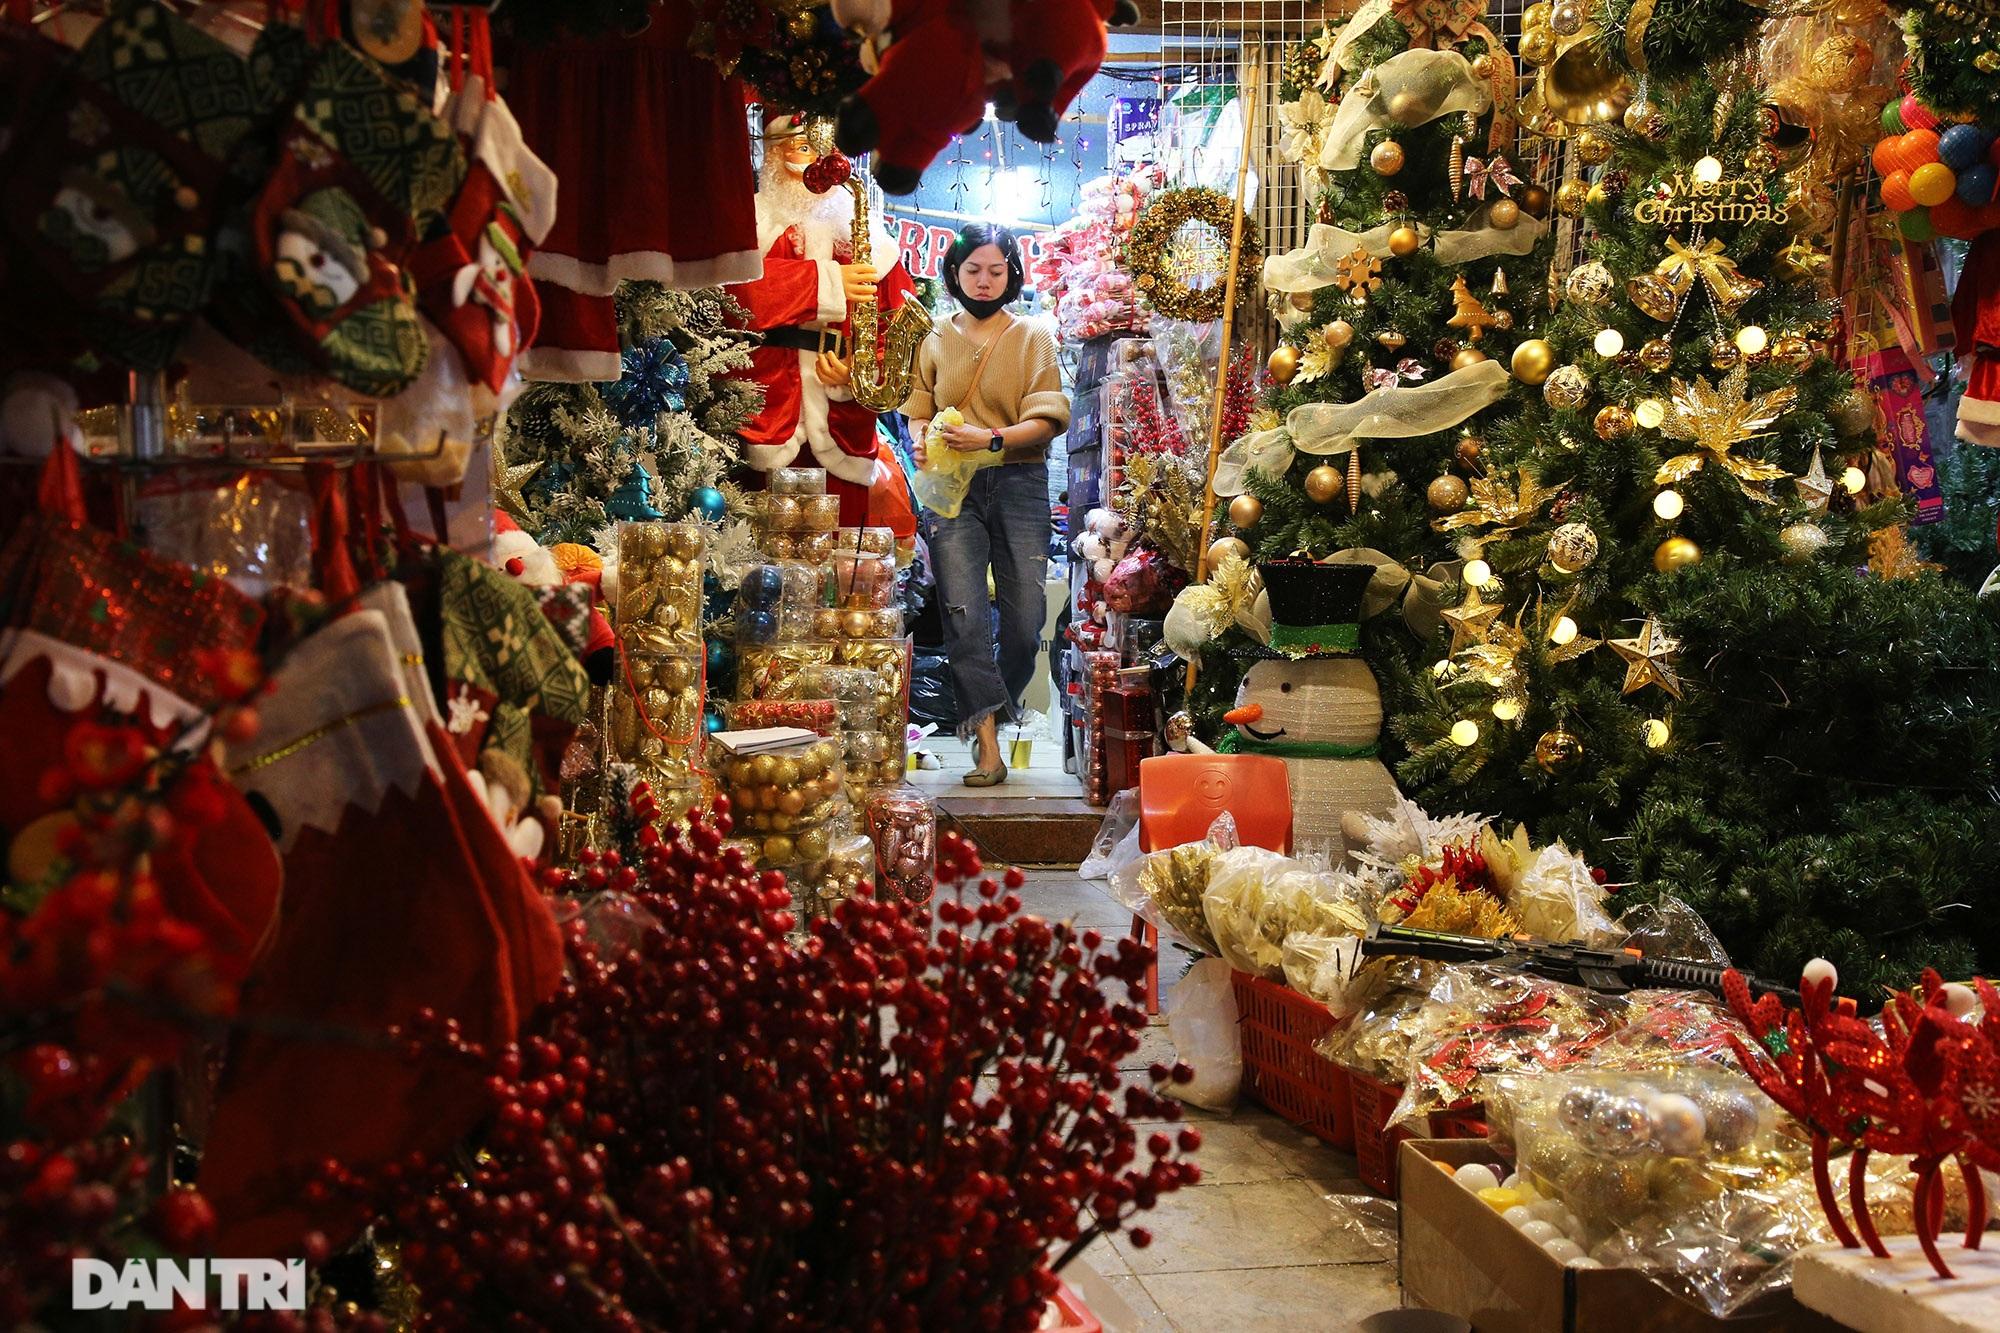 Không khí Noel sớm rộn ràng trên khắp nẻo phố phường Hà Nội - 4